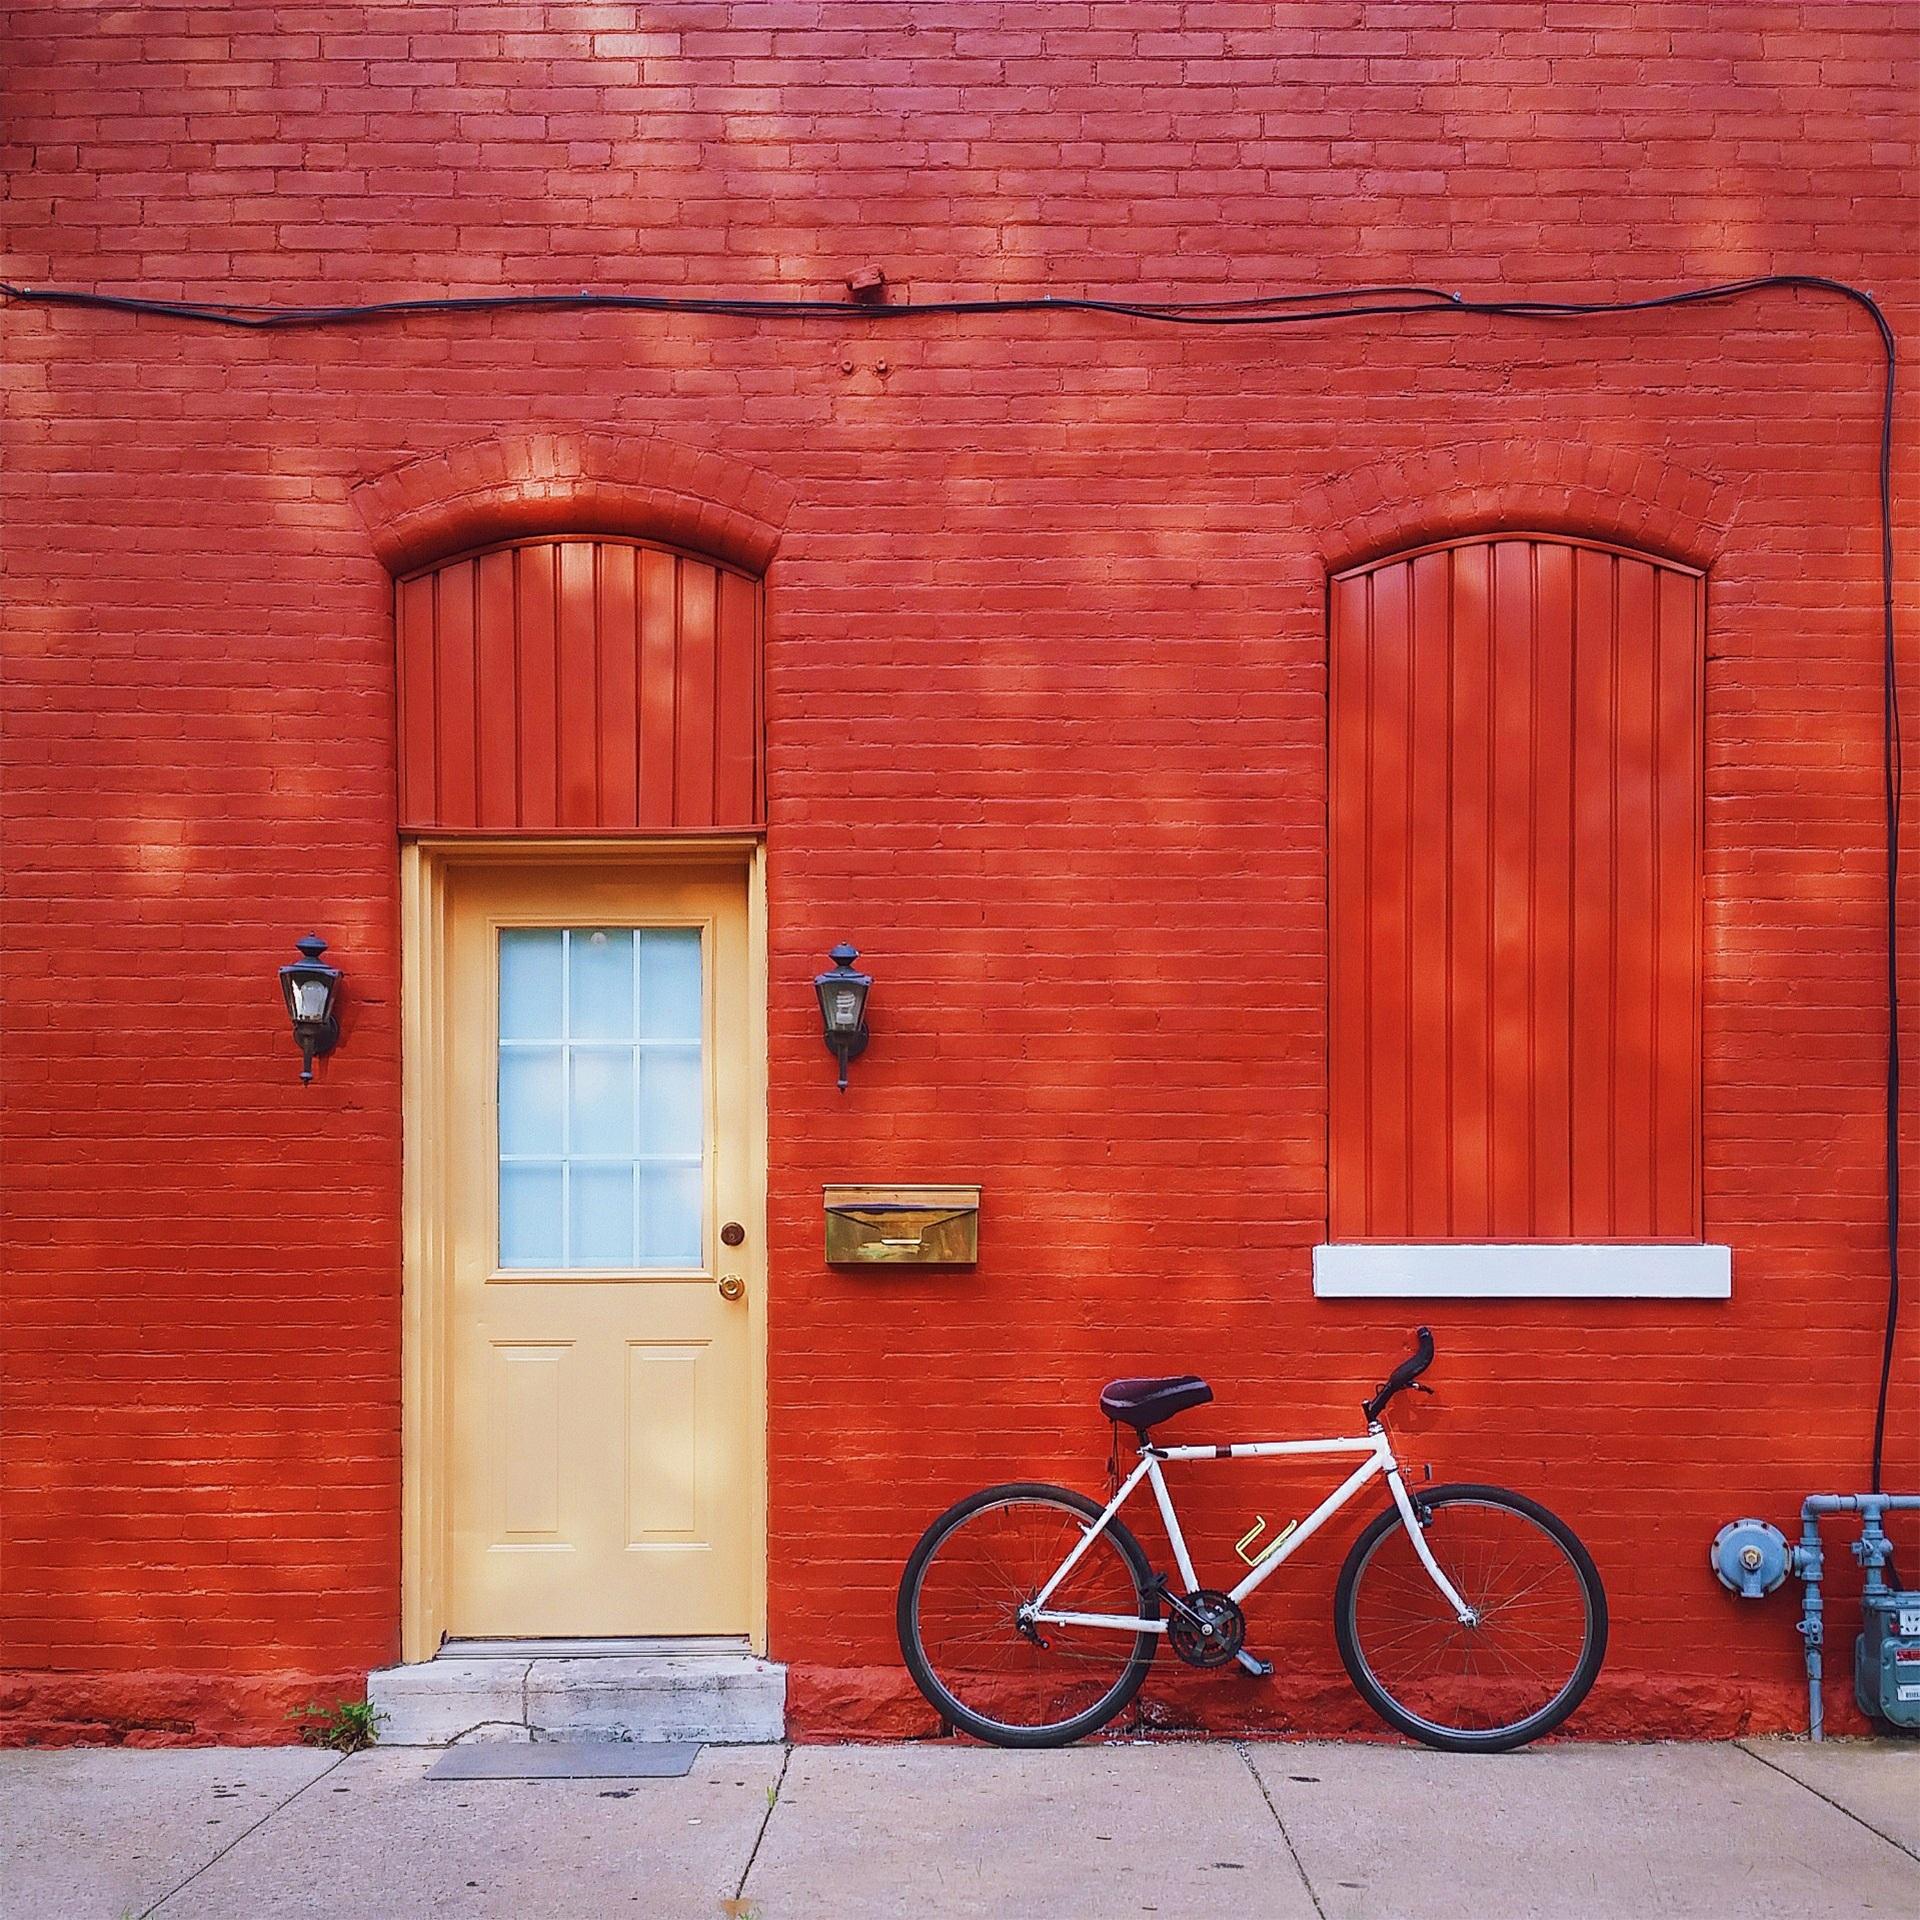 ... Dach, Gebäude, Fahrrad, Zuhause, Mauer, Transport, Gegend, Bau, Grün,  Rot, Symbol, Hütte, Farbe, Fassade, Residenz, Eigentum, Blau, Außen,  Geschäft, ...